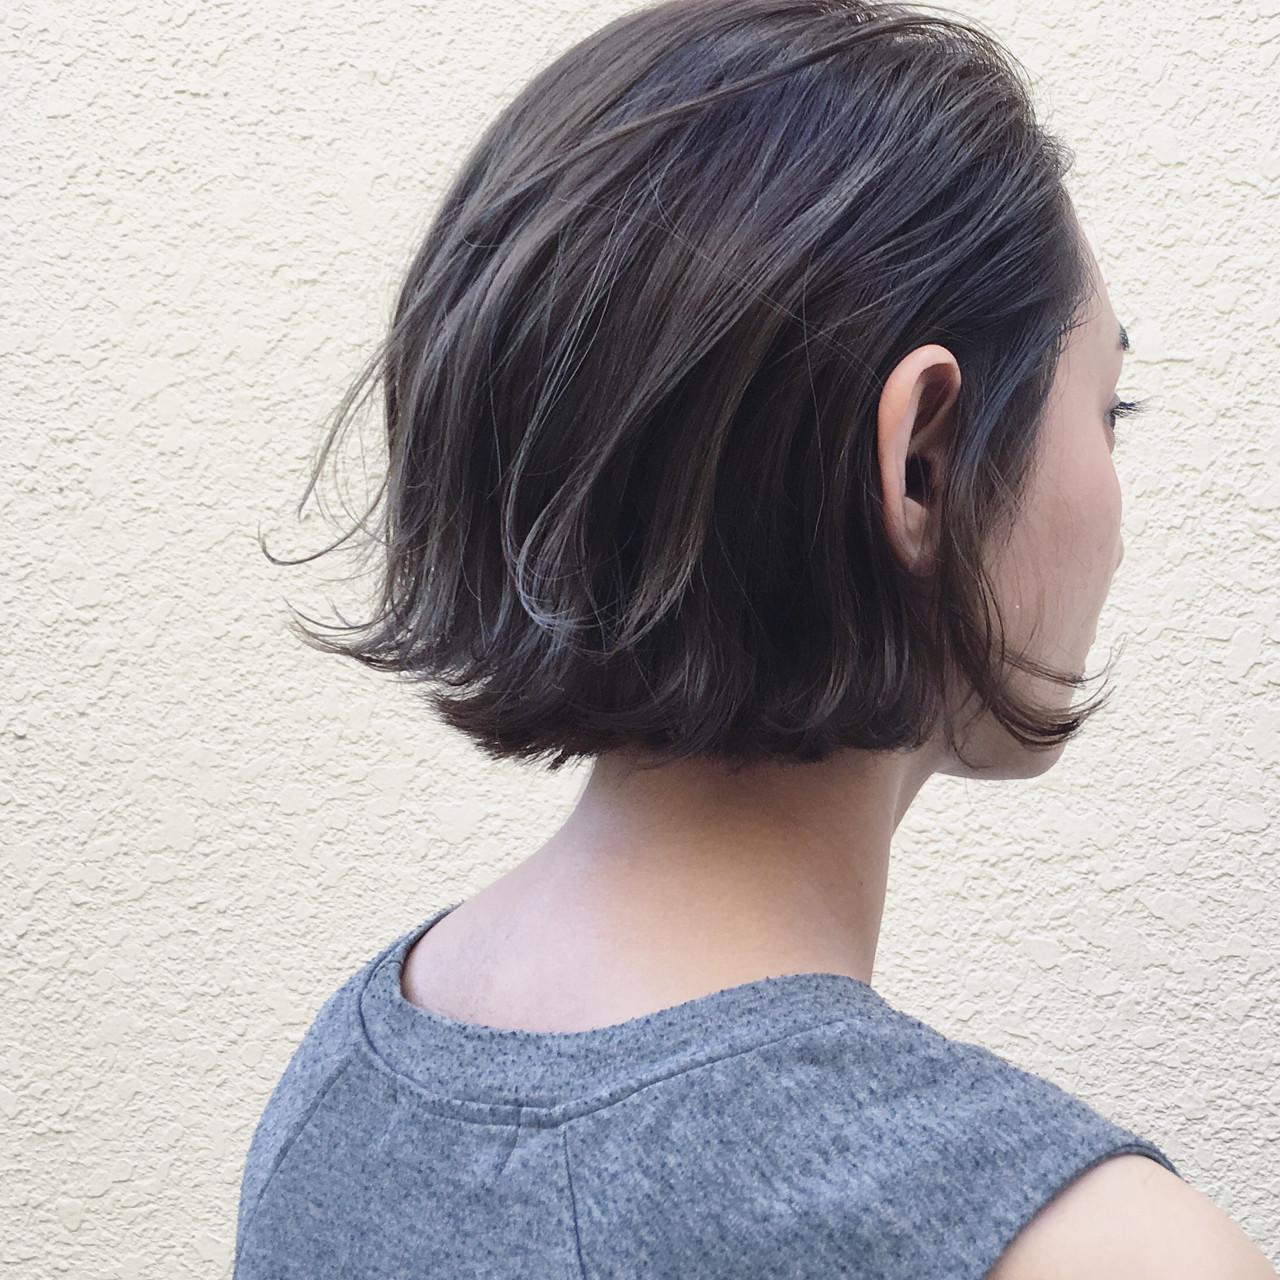 グレージュ ウェットヘア 切りっぱなし ナチュラル ヘアスタイルや髪型の写真・画像